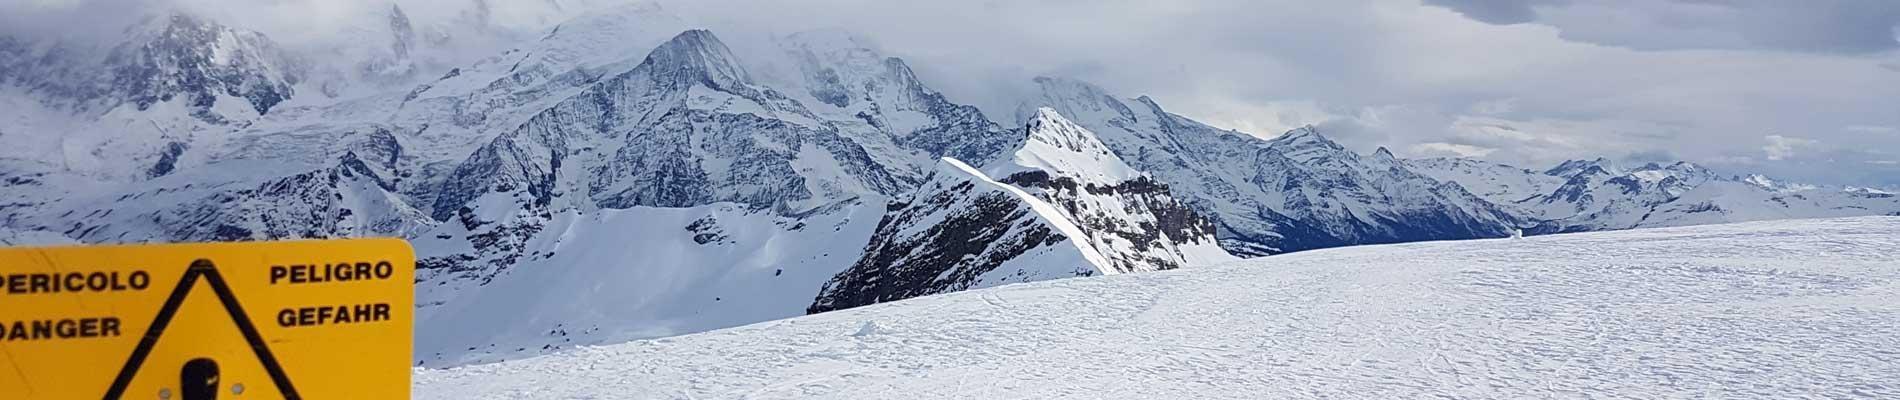 covid-19 wintersport skivakantie skigebieden gesloten frankrijk